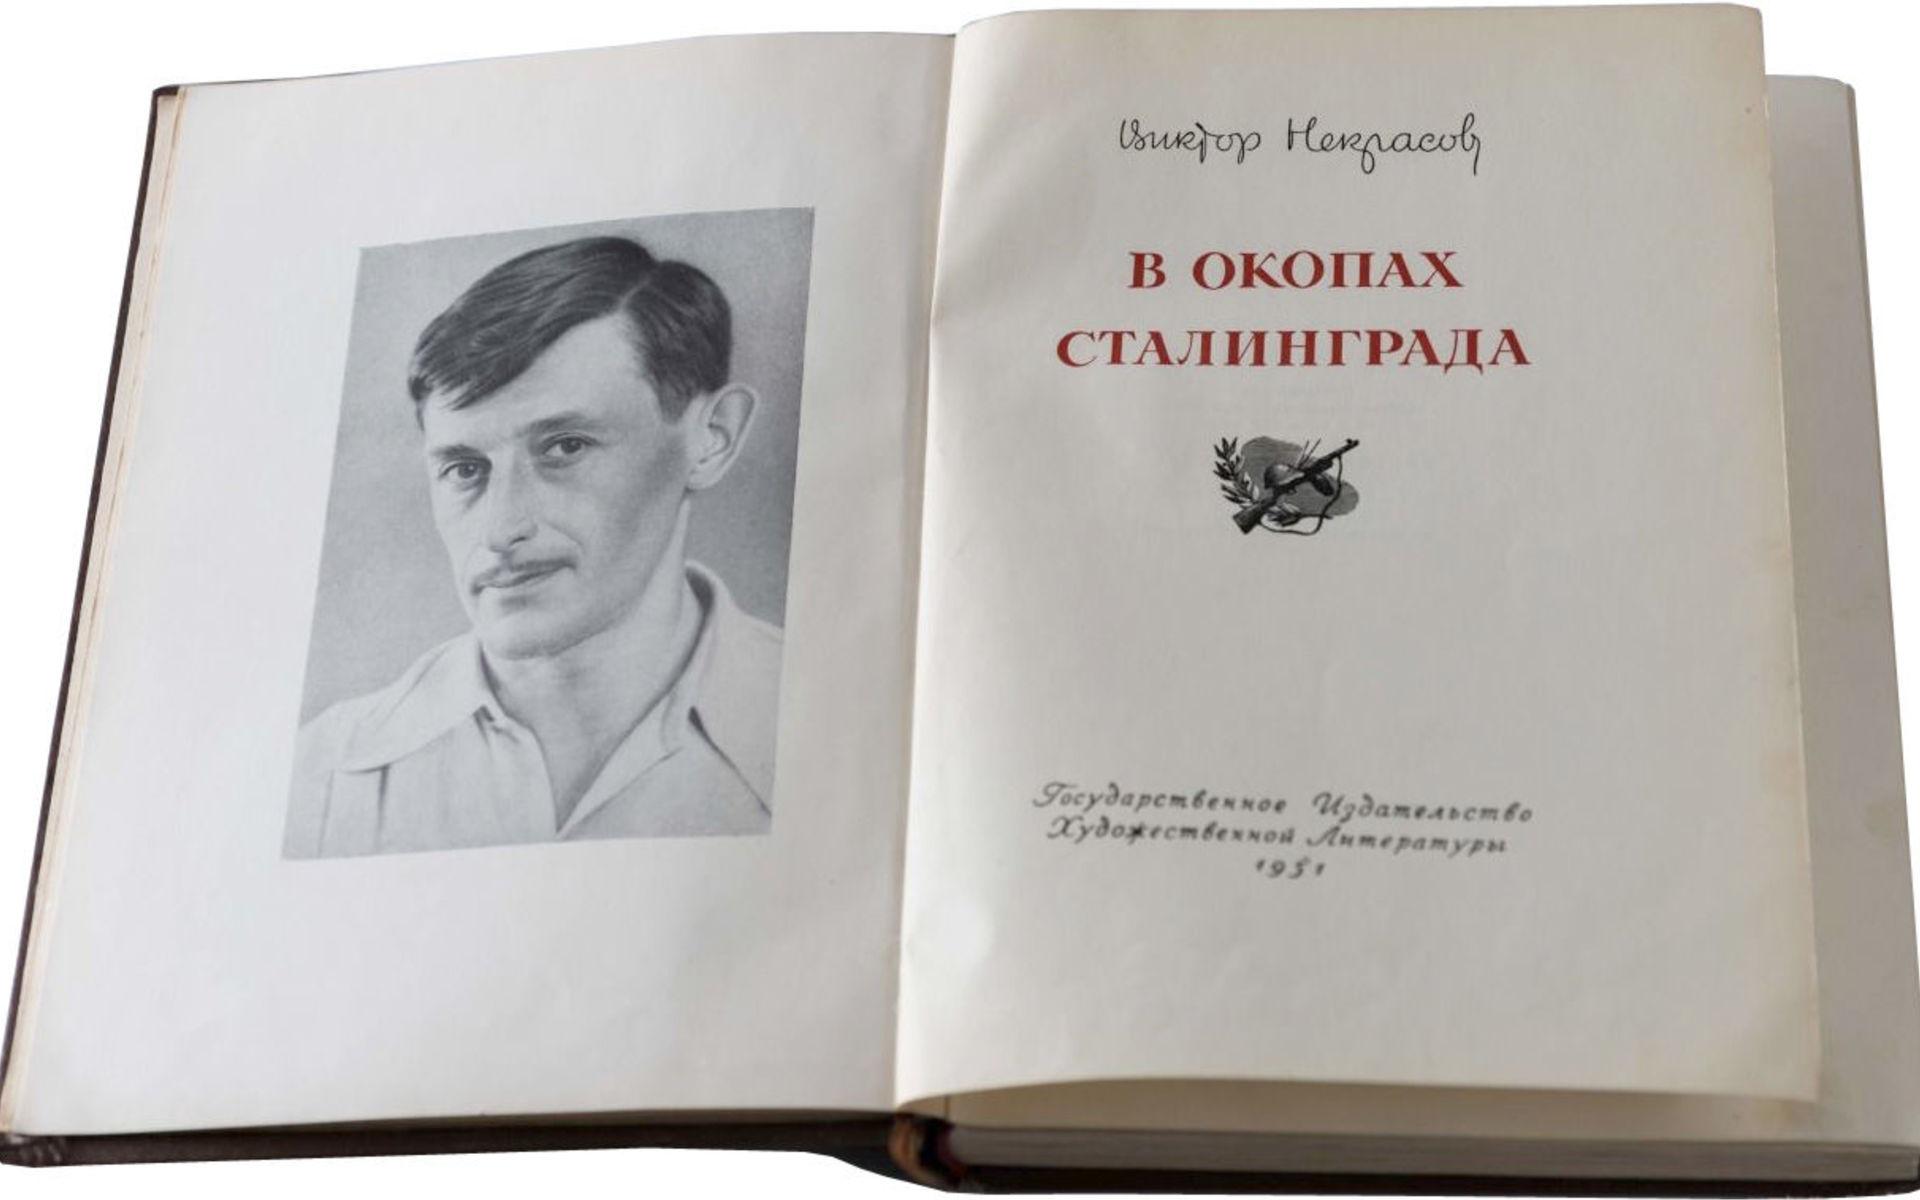 Открытка в окопах сталинграда, поздравление